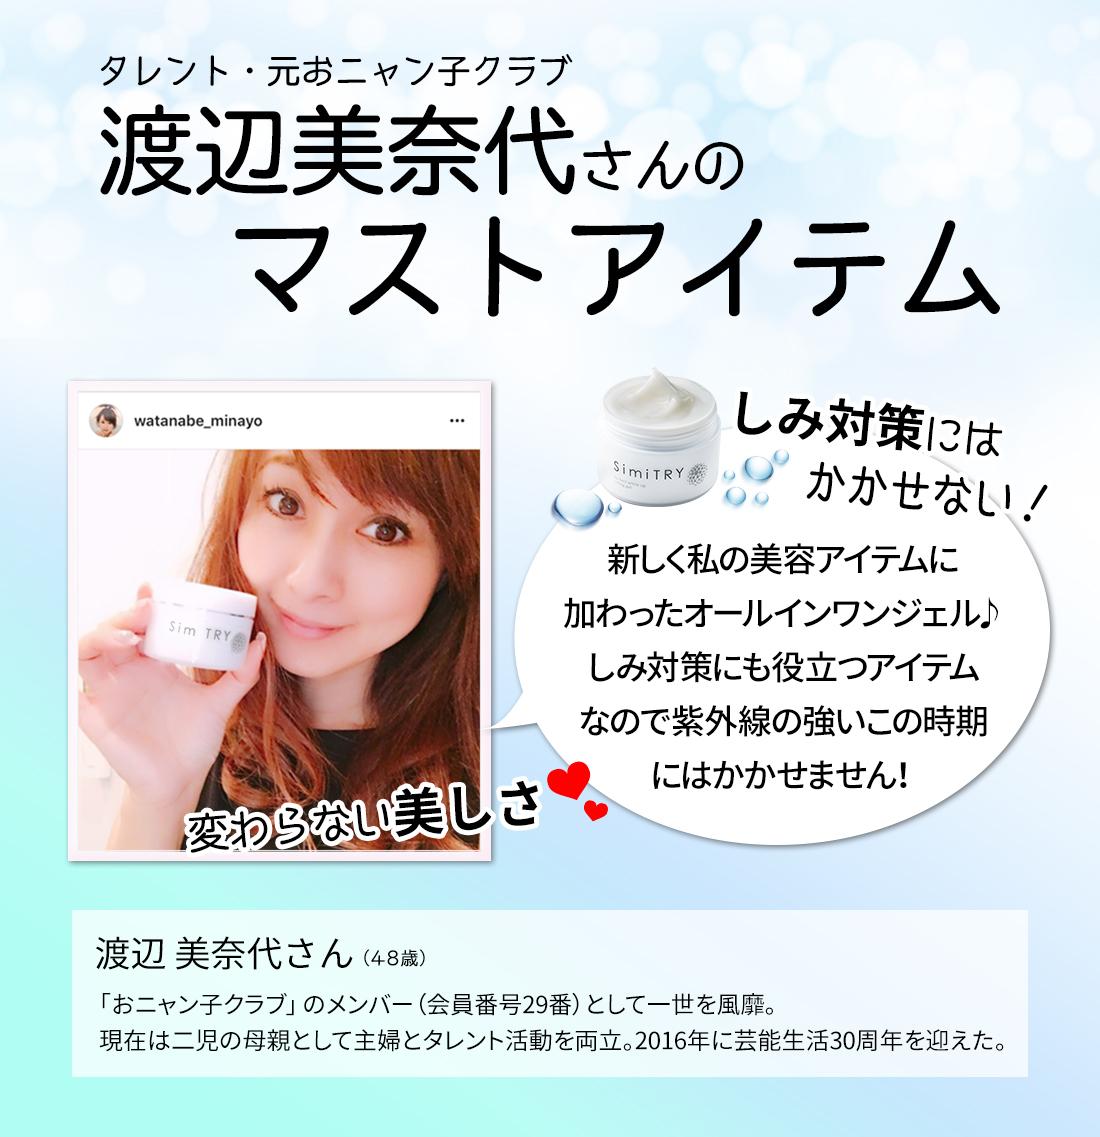 渡辺美奈代さんも愛用いただいております!